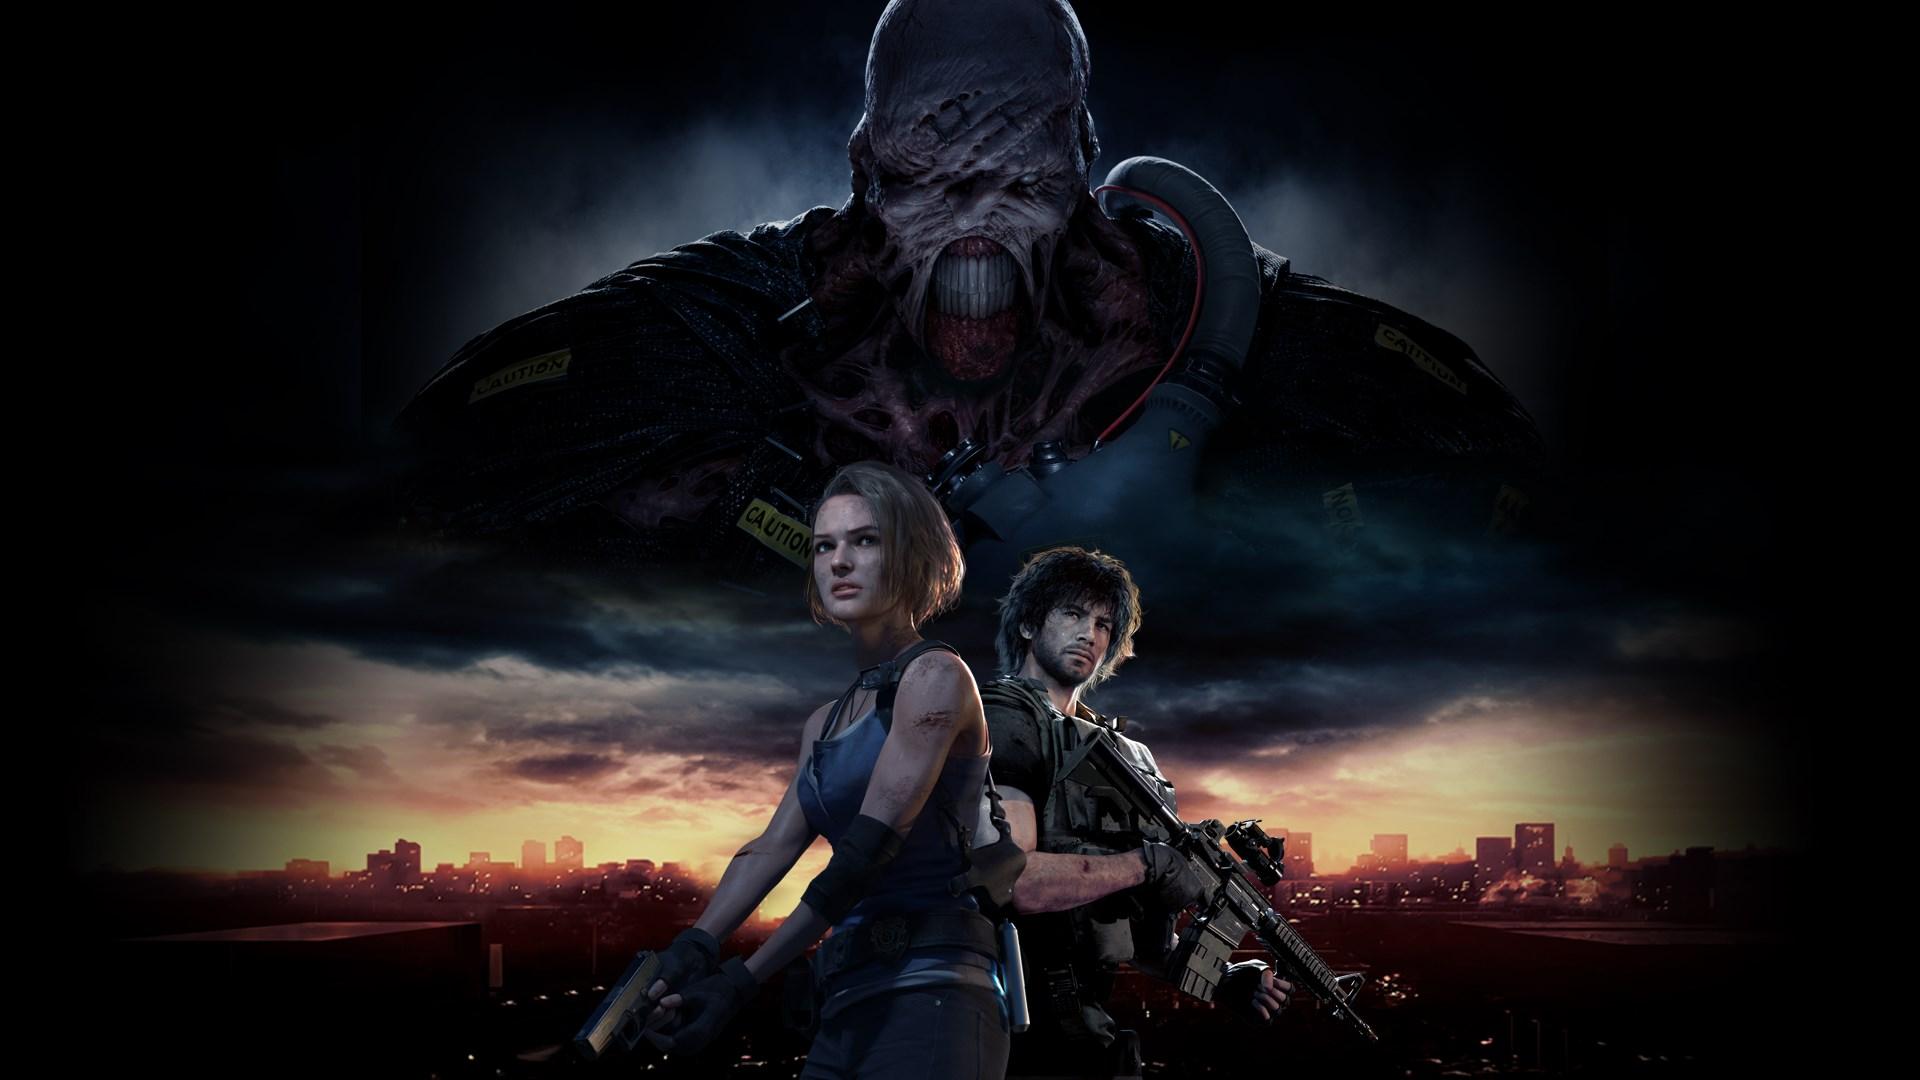 Piękna, intensywna, ale rozczarowująca gra - recenzja Resident Evil 3 25